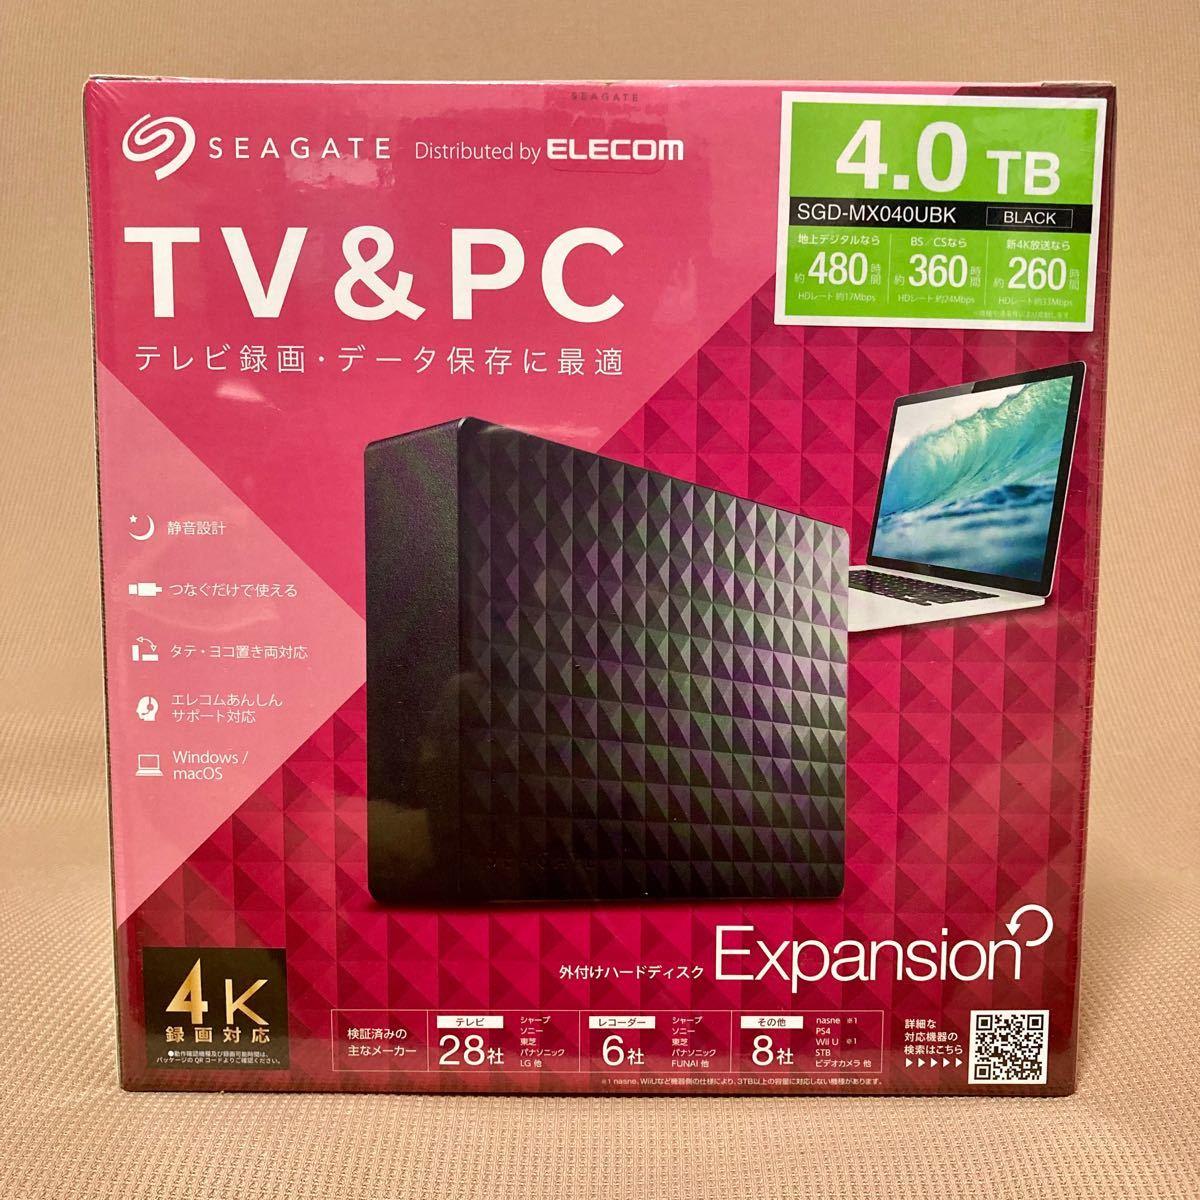 新品未開封 エレコム 外付けハードディスク 4.0TB SGD-MX040UBK  ELECOM Expansion テレビ録画